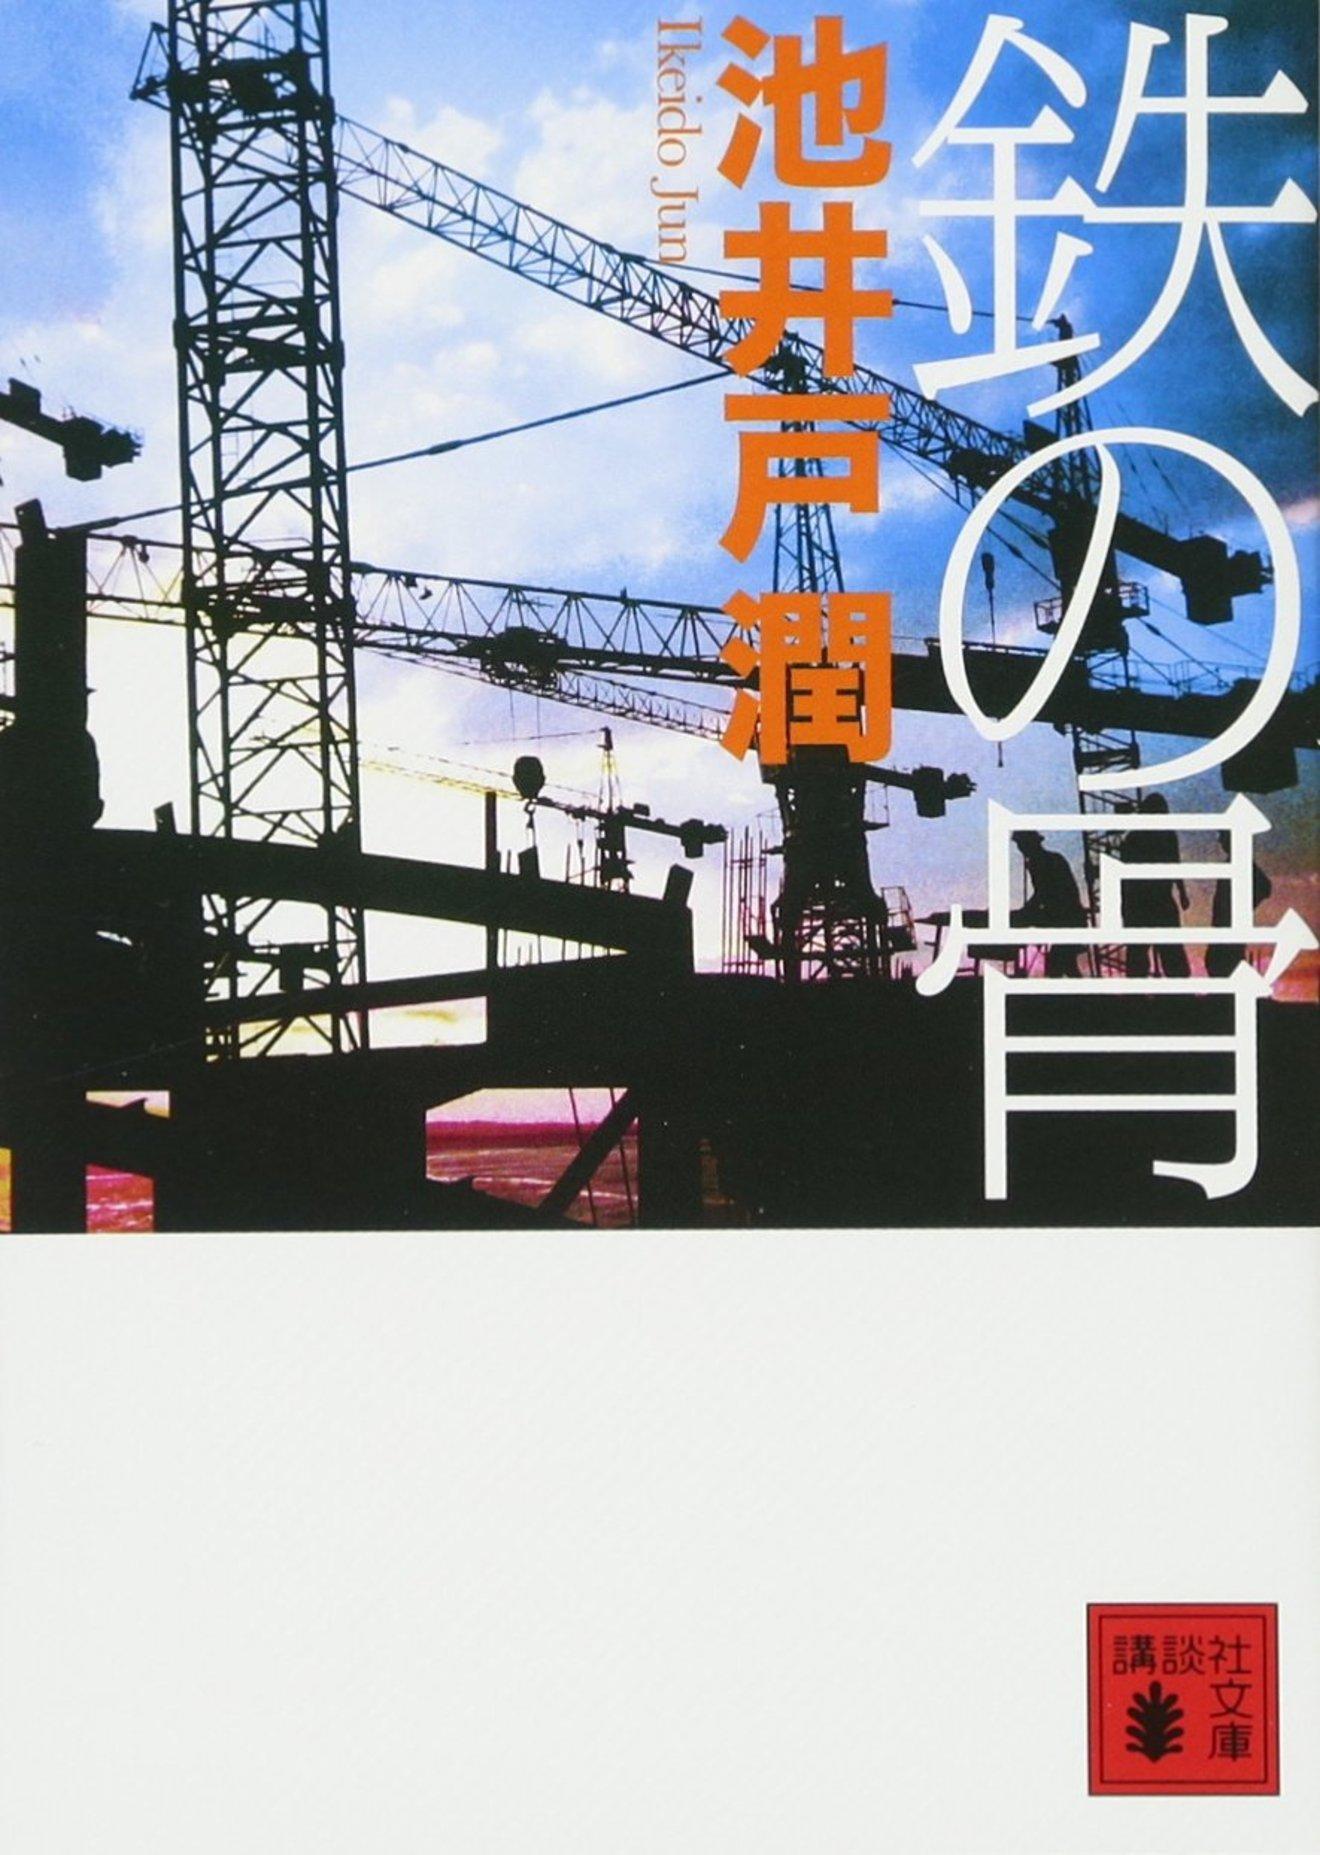 『鉄の骨』サラリーマン必読!雇われの苦悩と組織問題を描く本格小説【ネタバレ注意】